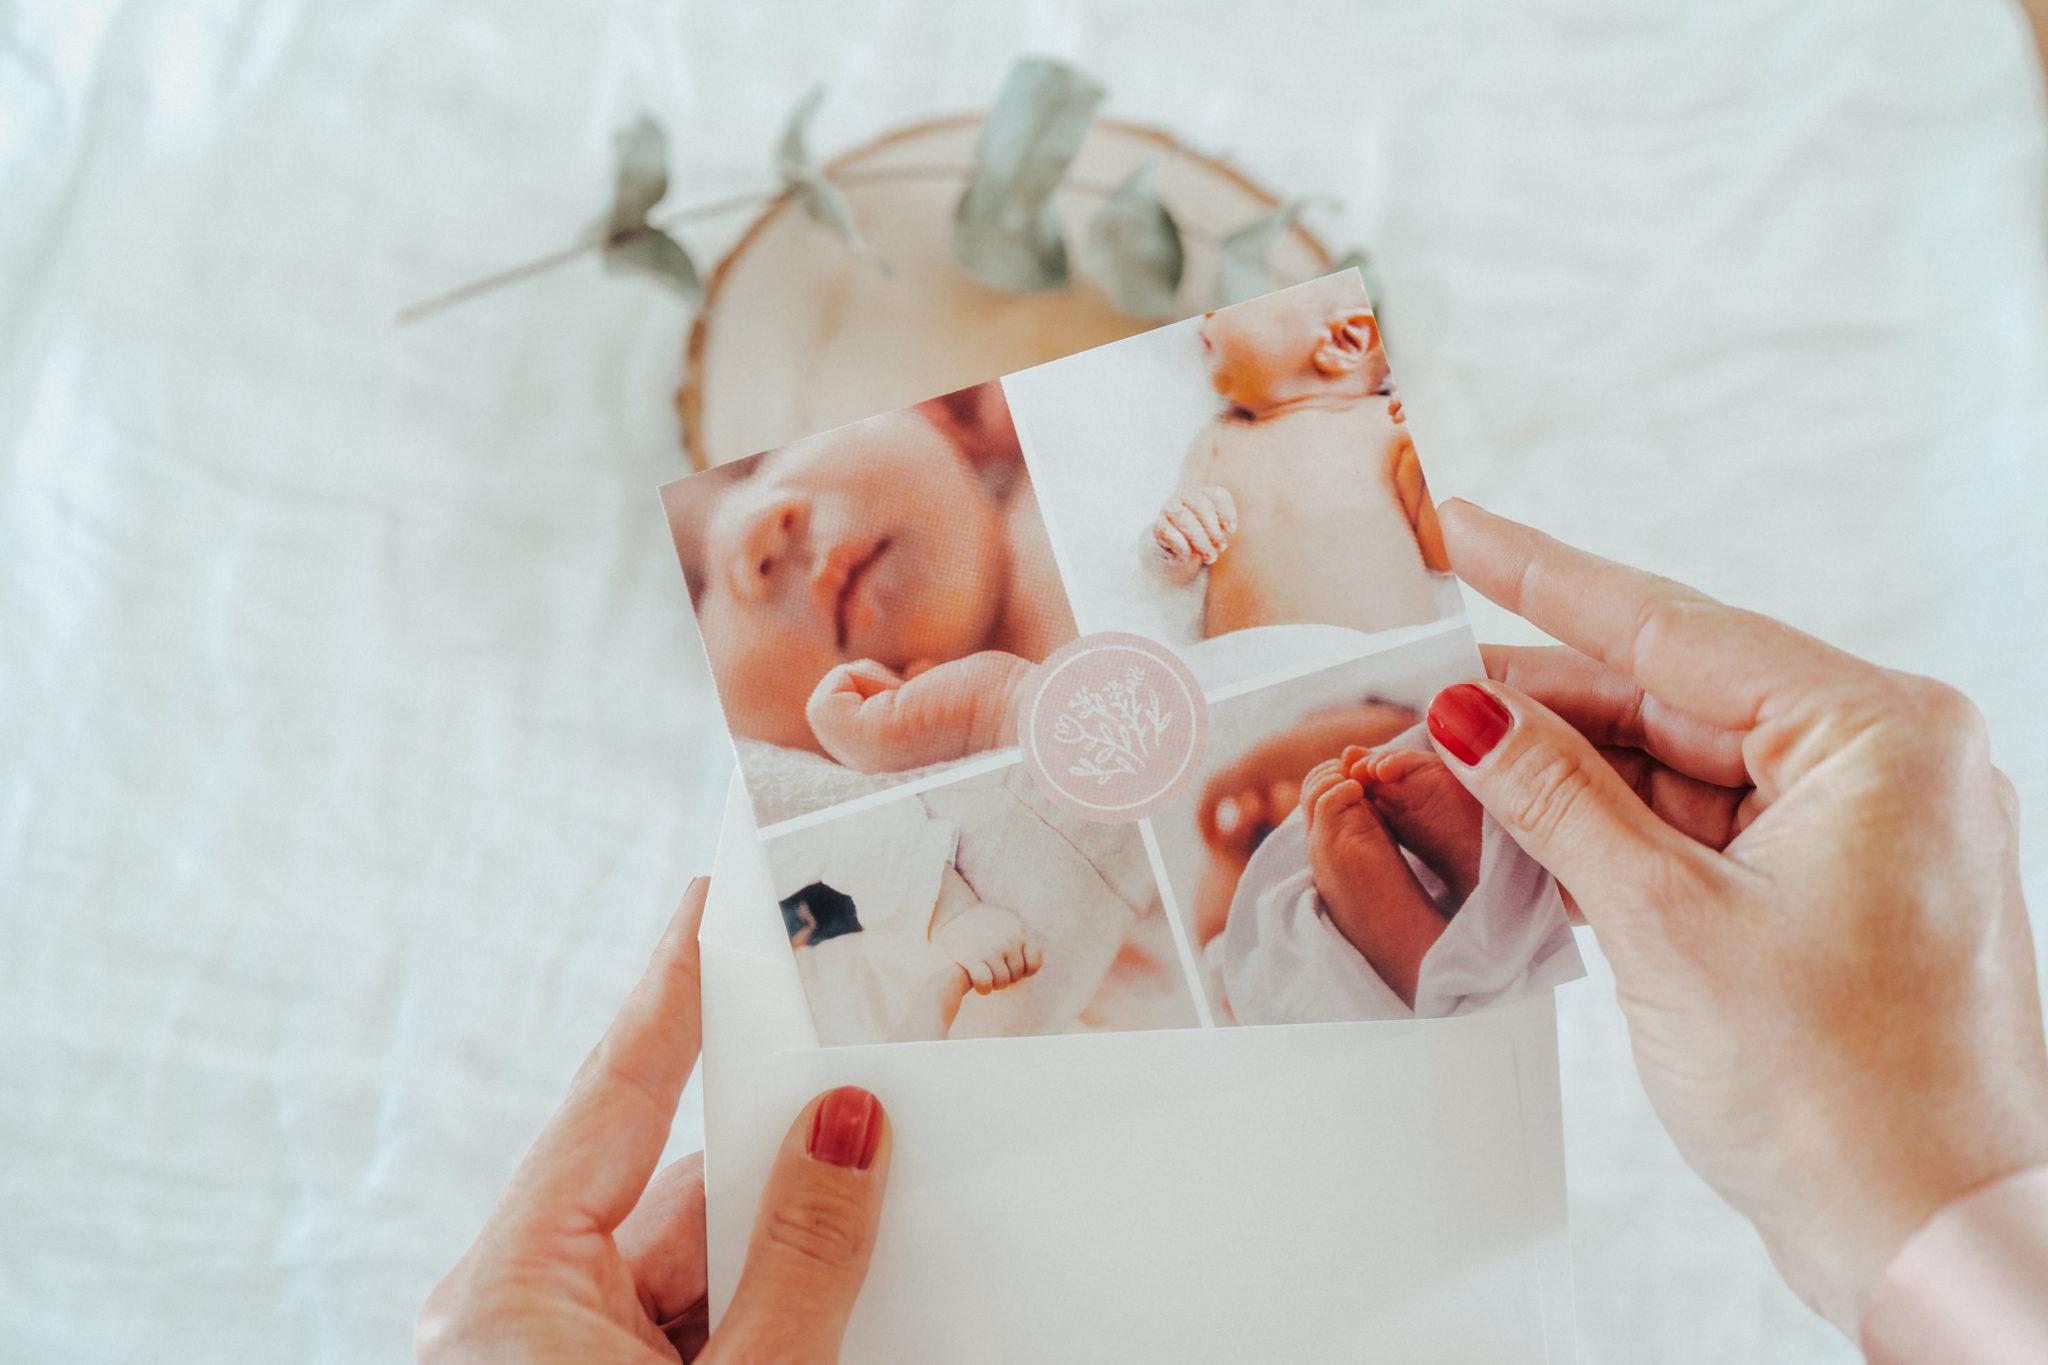 Carte de felicitations Naissance pour envoyer message aux nouveaux parents